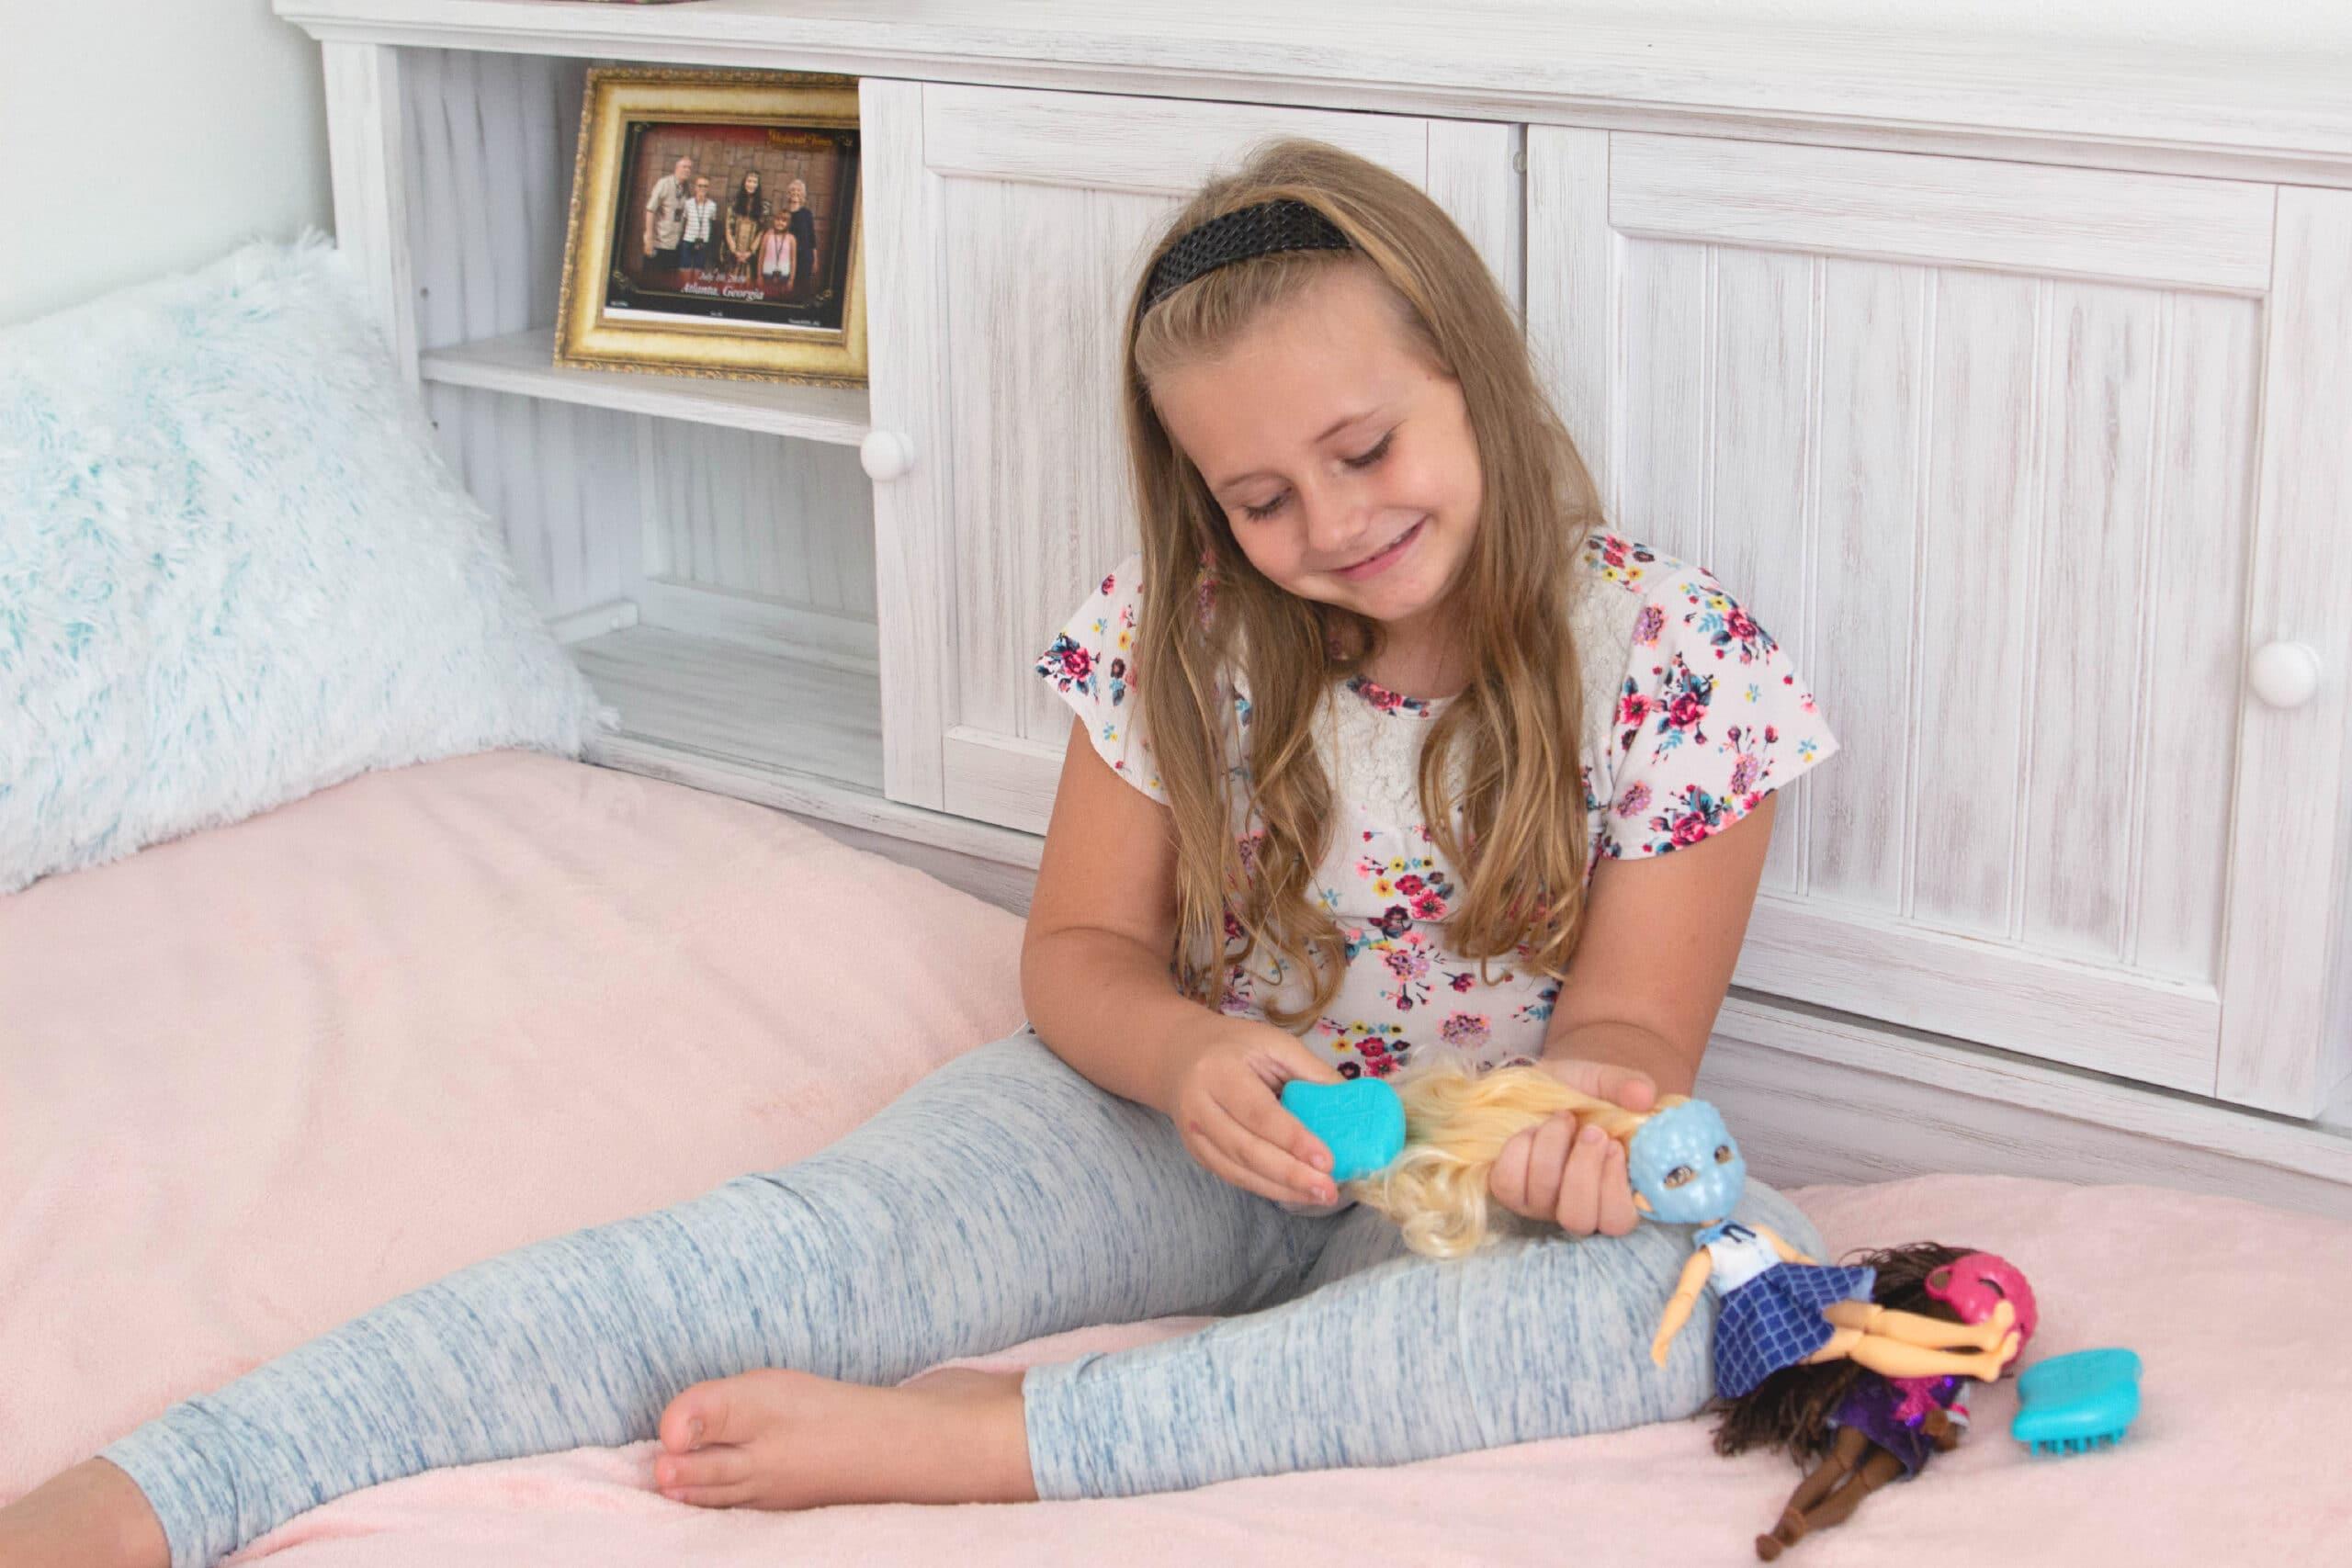 Little girl brushing dolls hair